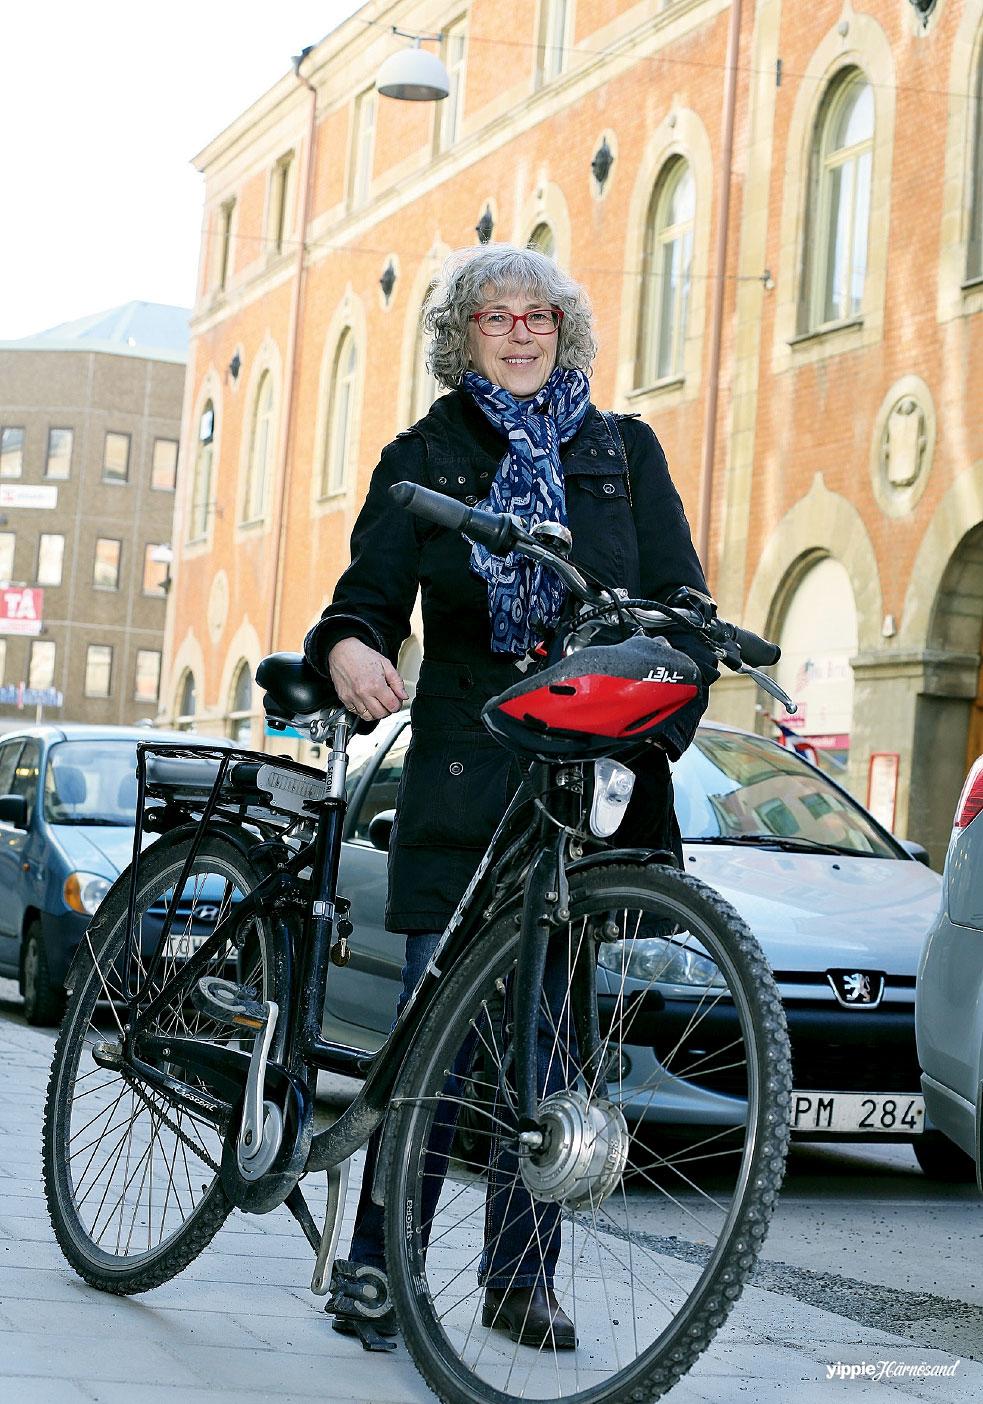 Os hjalten alskar att cykla nattimmarna